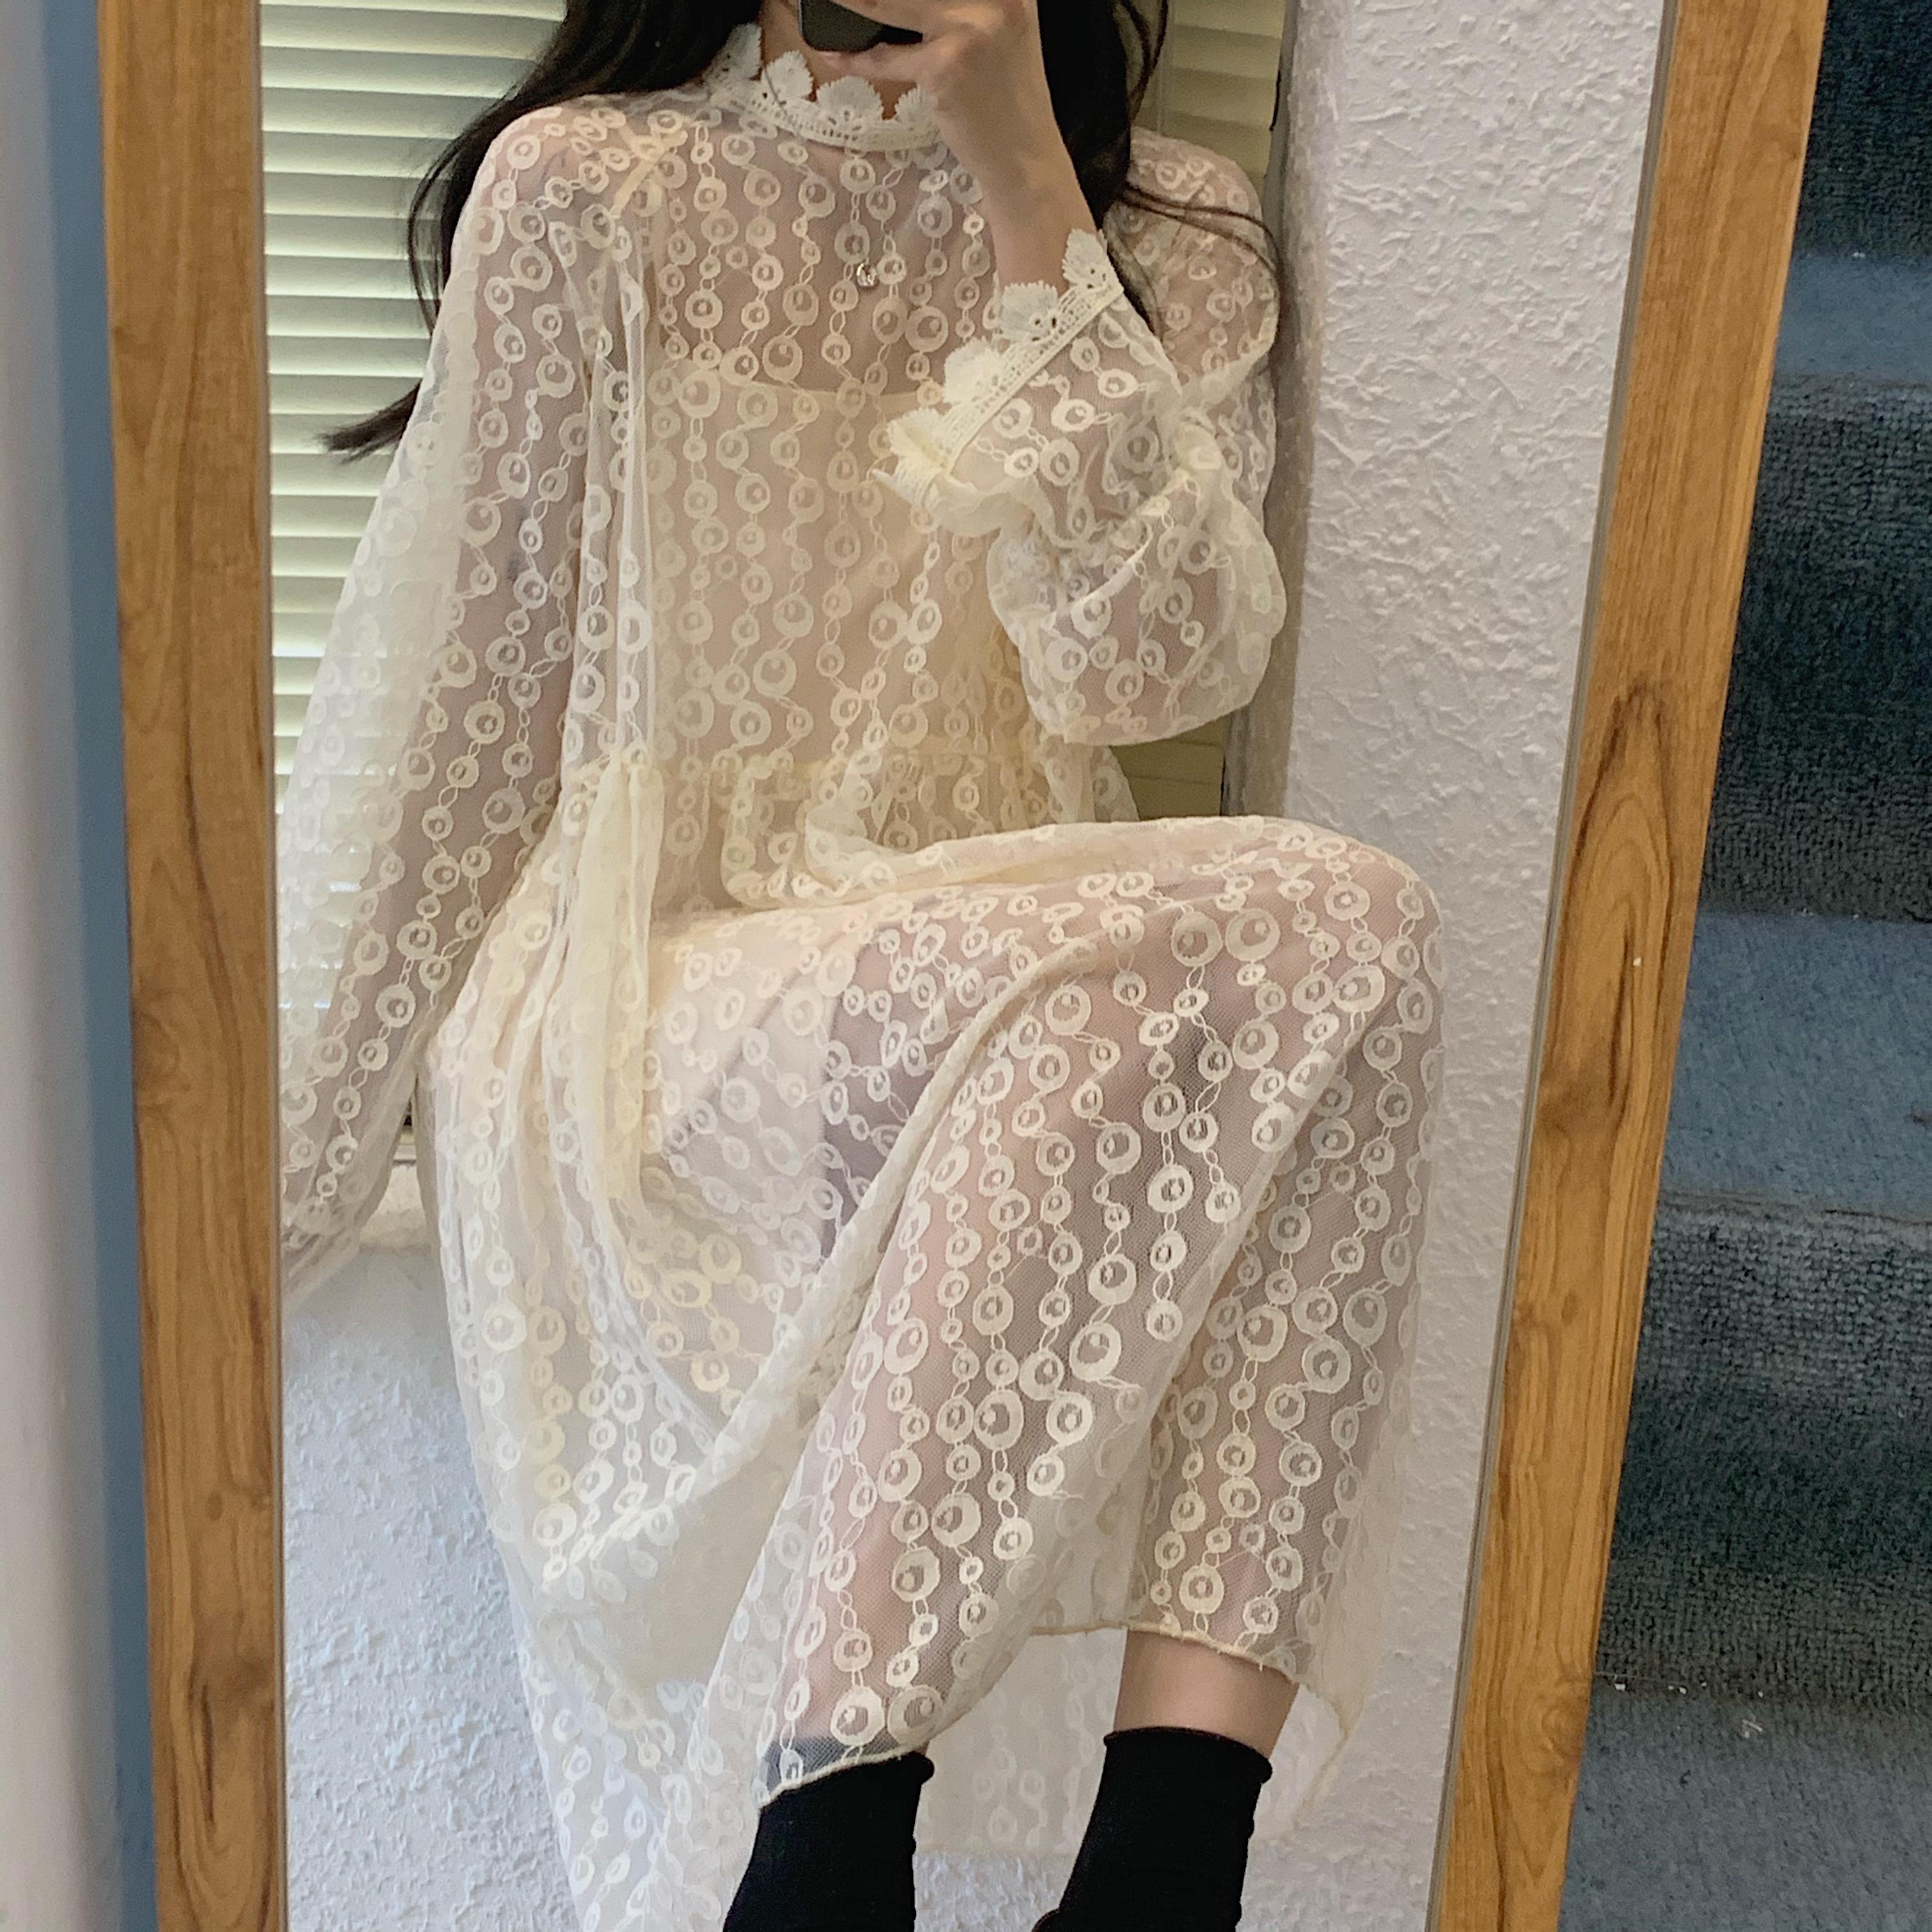 限58实拍实价2020新款内搭宽松显瘦中长款蕾丝连衣裙两件套女-大小姐LS-